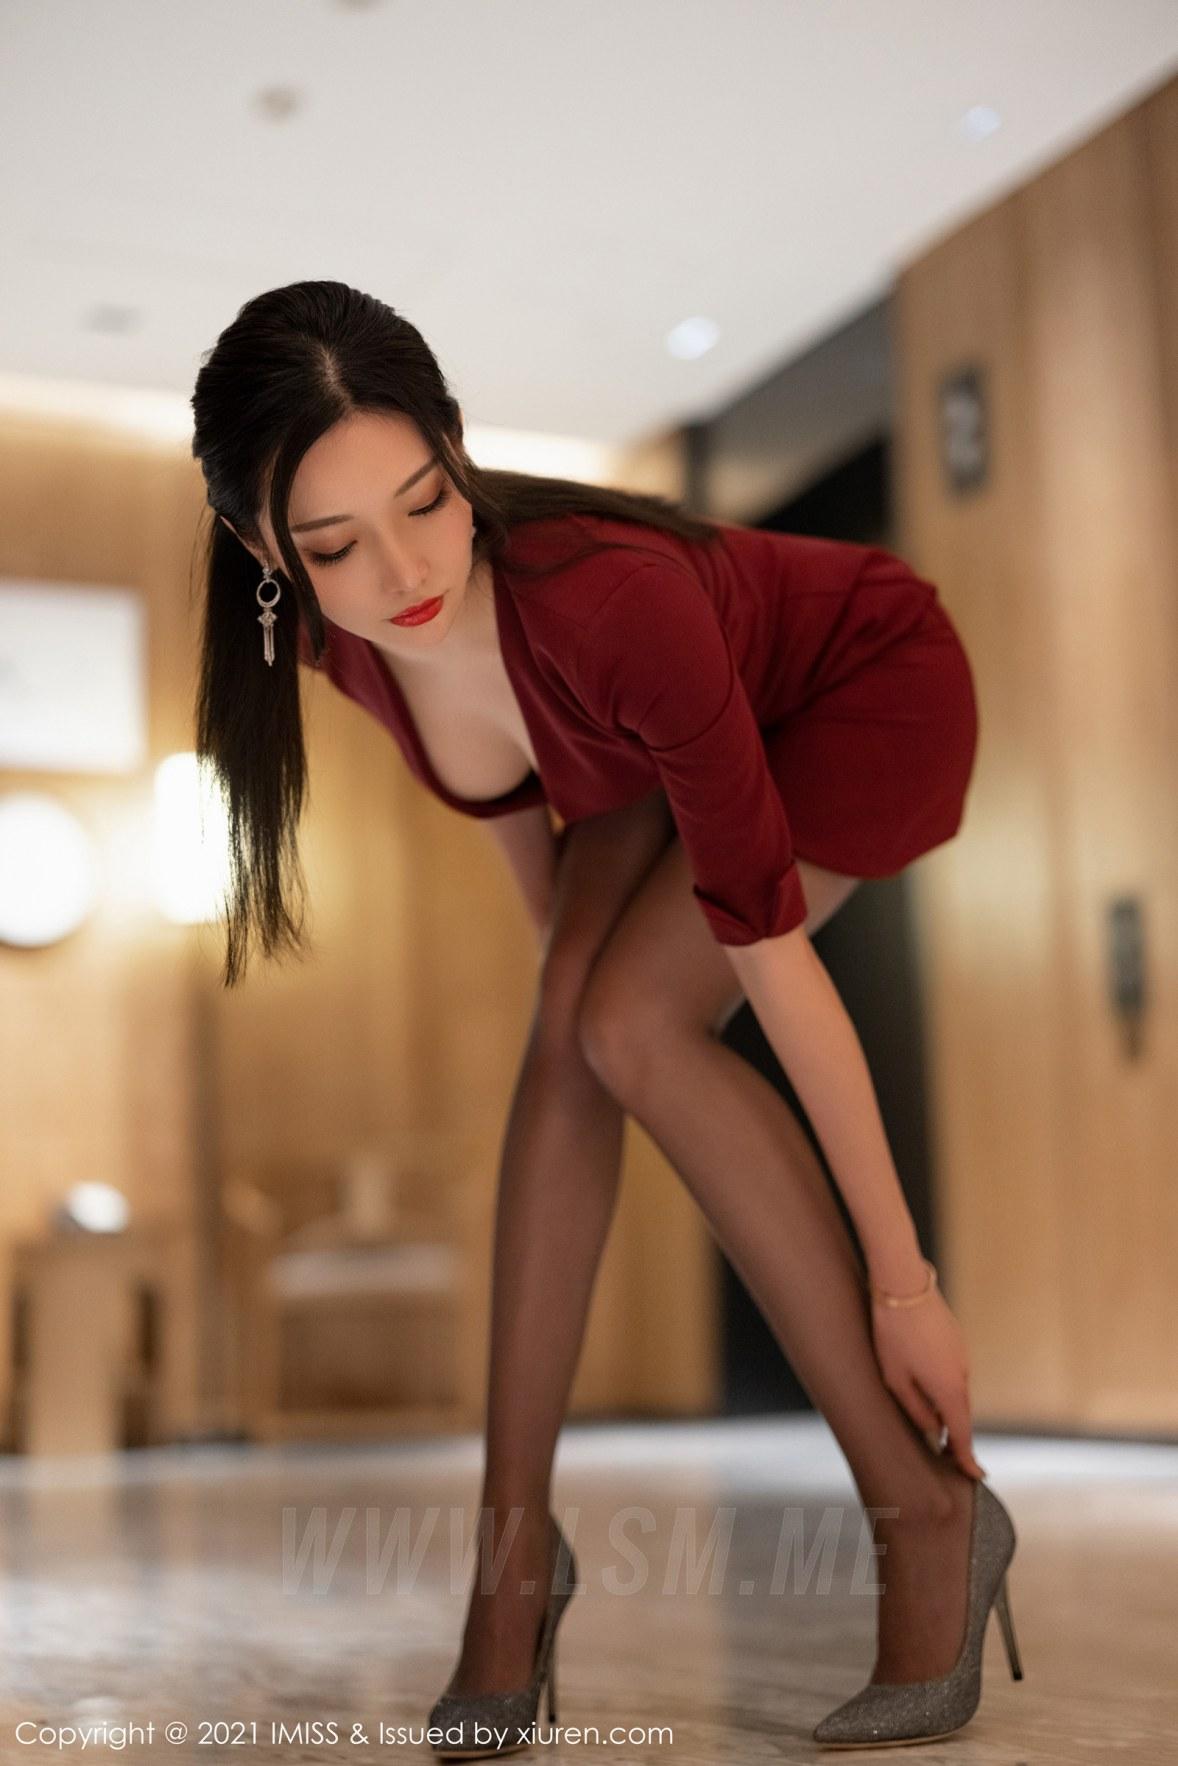 598 033 wln 3602 5400 - IMiss 爱蜜社 Vol.598 魅惑黑丝 小狐狸Kathryn 性感写真3 - 爱蜜社 -【免费在线写真】【丽人丝语】